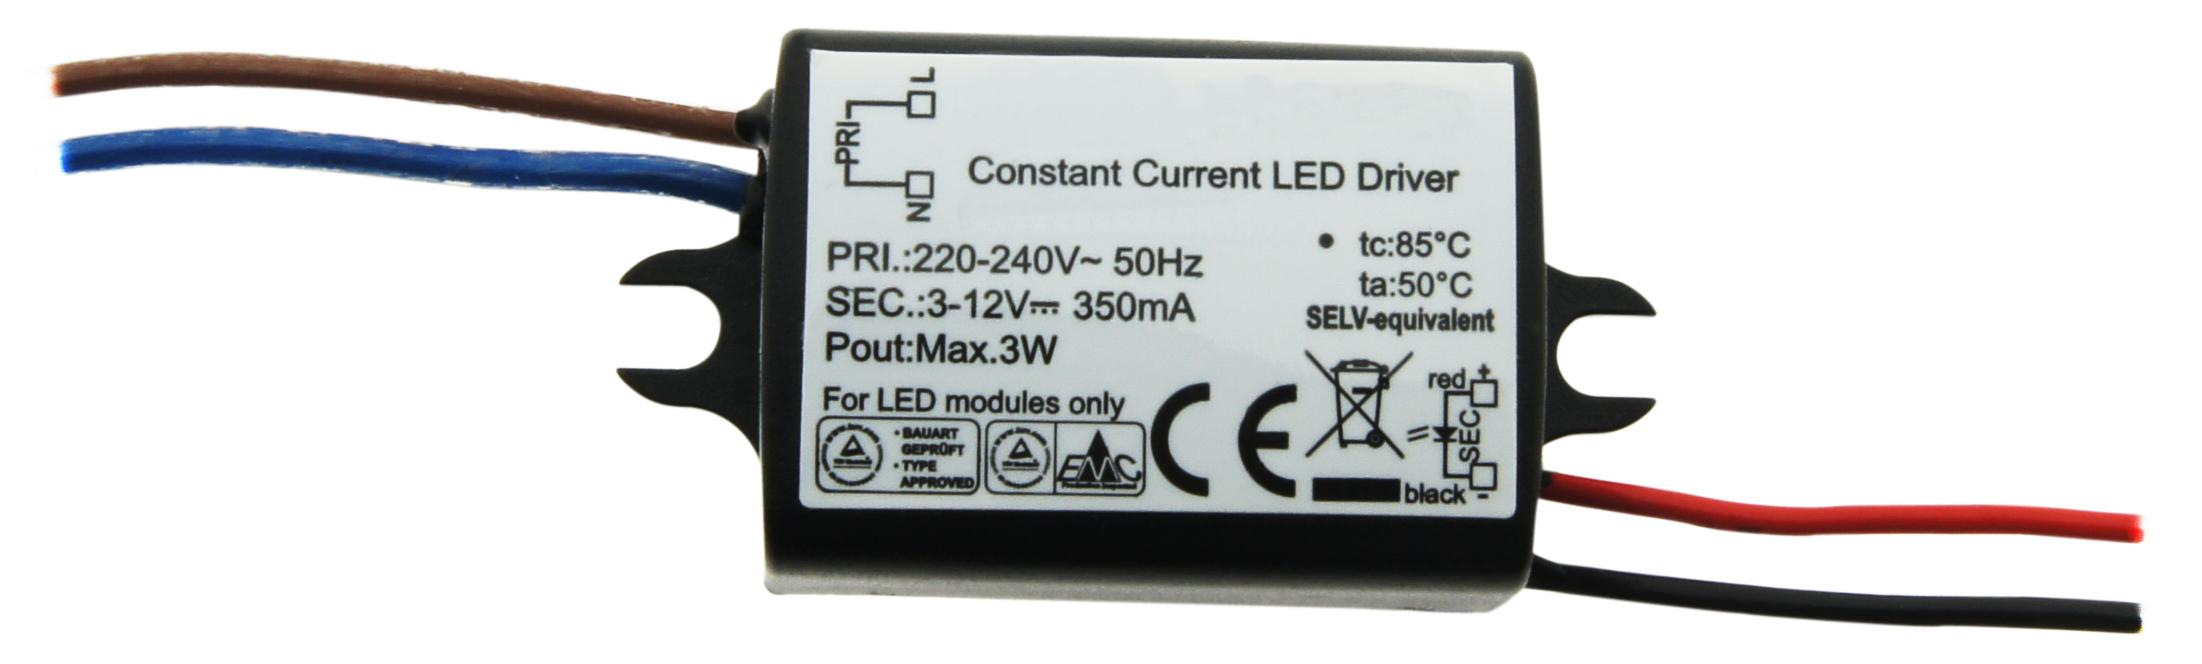 1 Stk LED Netzteil HW 3W/500mA, Mini, IP65 LINT403500